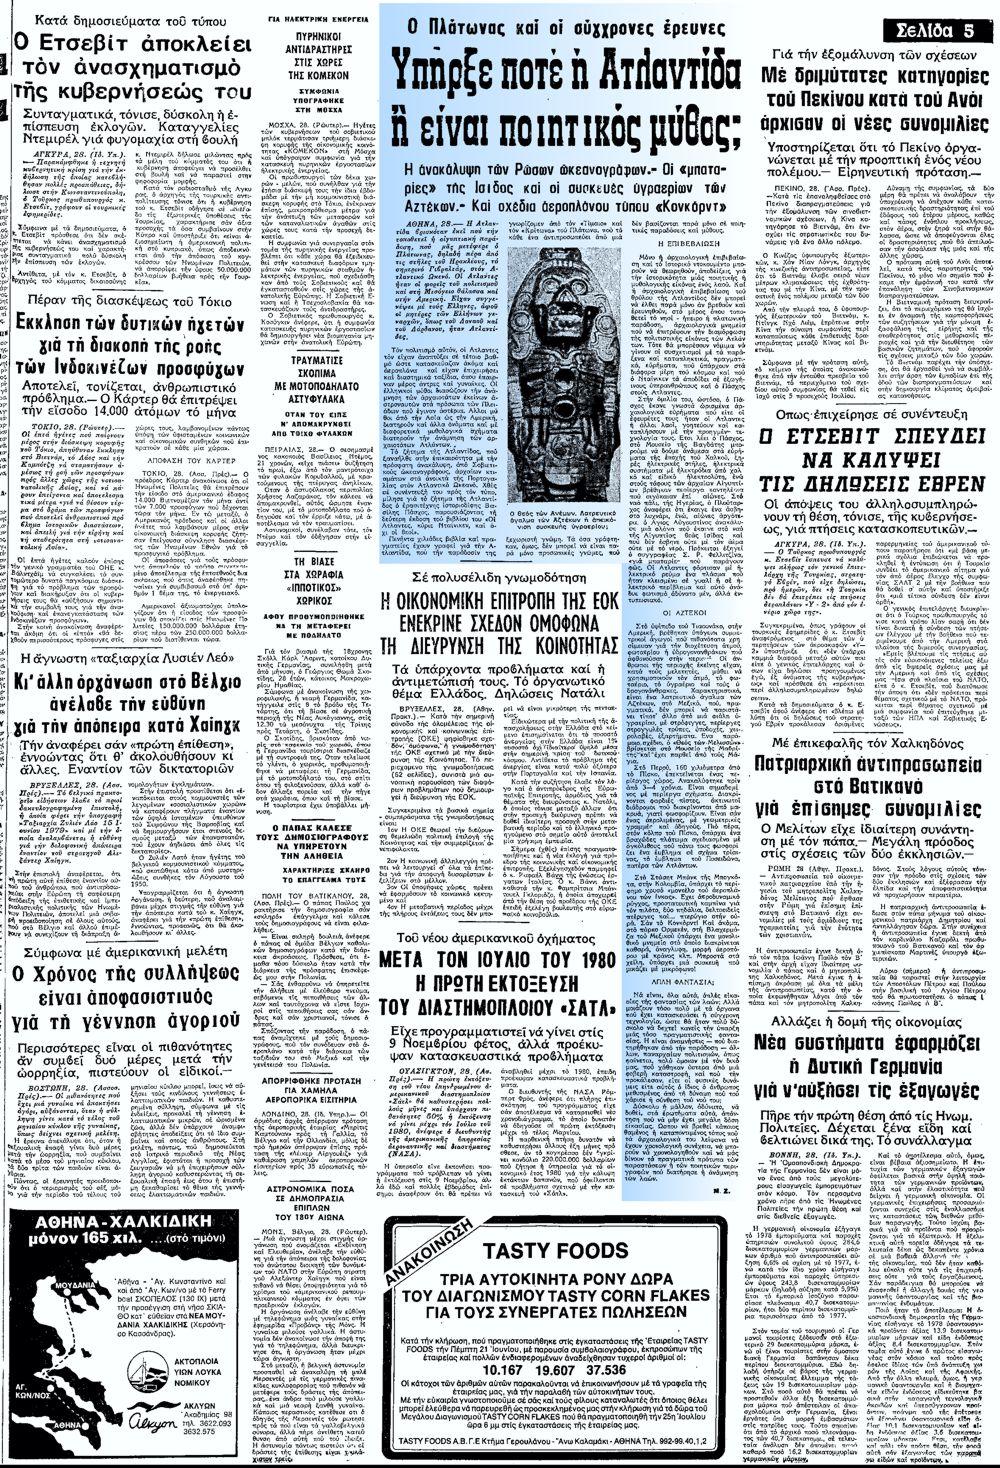 """Το άρθρο, όπως δημοσιεύθηκε στην εφημερίδα """"ΜΑΚΕΔΟΝΙΑ"""", στις 29/06/1979"""